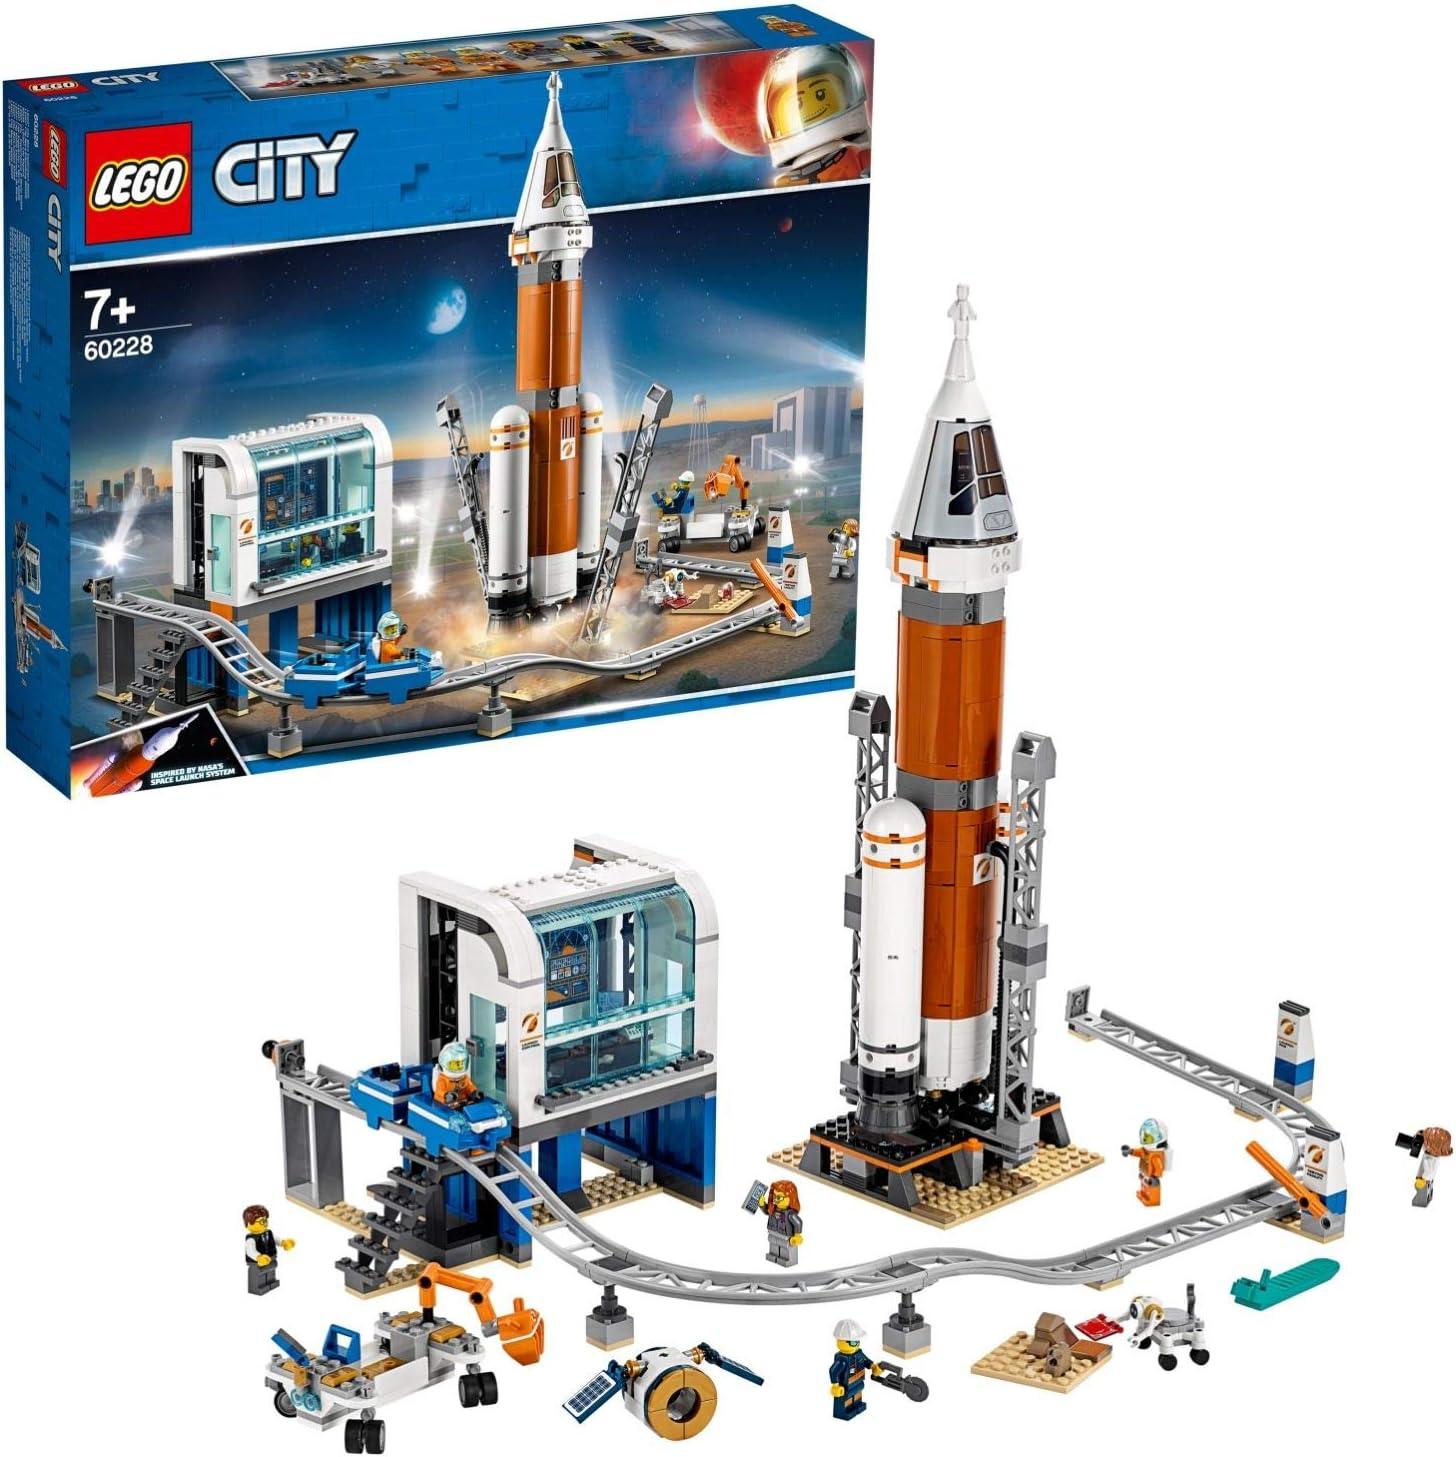 LEGO City Space Port - Cohete Espacial de Larga Distancia y Centro de Control, Juguete de Construcción Inspirado en la NASA con Minifiguras de Científicos y Astronautas, Expedición a Marte (60228)